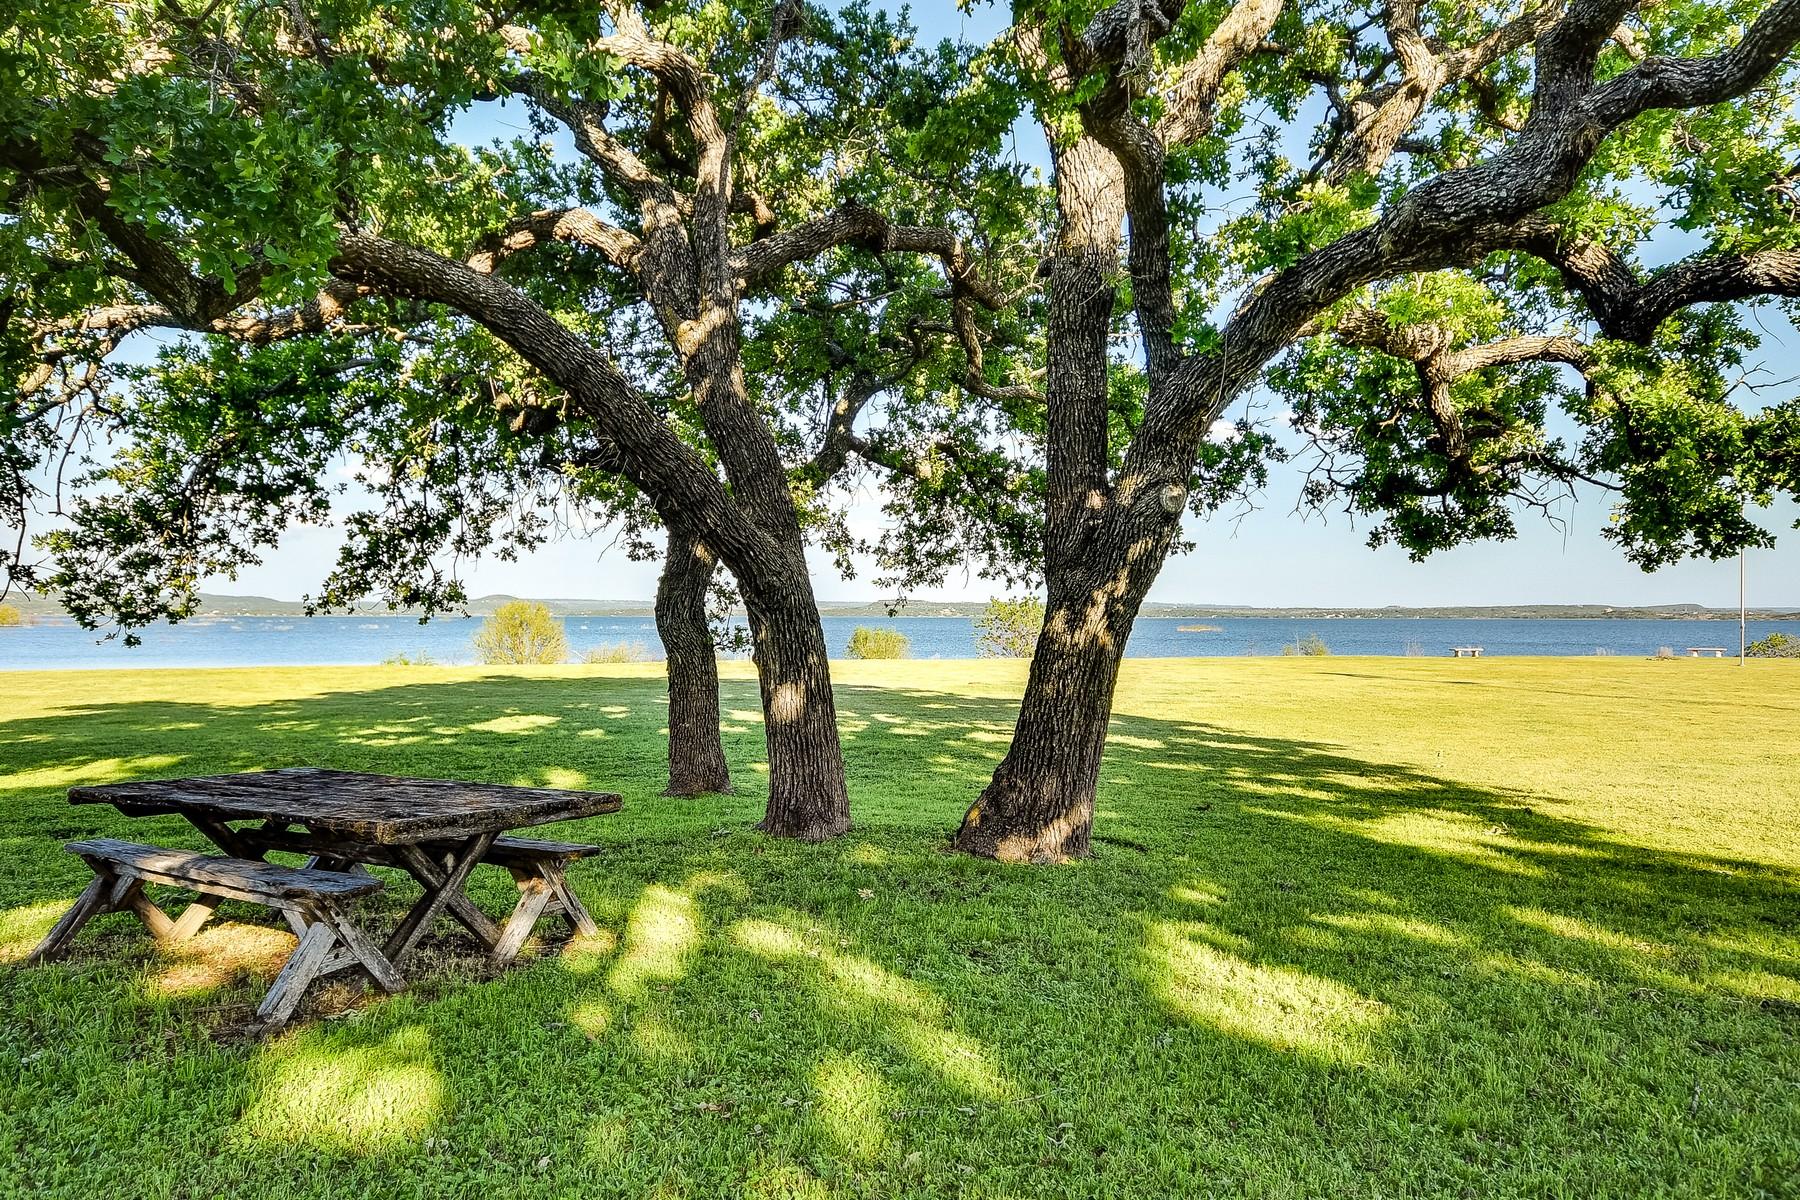 Casa Unifamiliar por un Venta en Spectacular Panoramic Views on Lake Buchanan 112 South East Ct Bluffton, Texas 78607 Estados Unidos